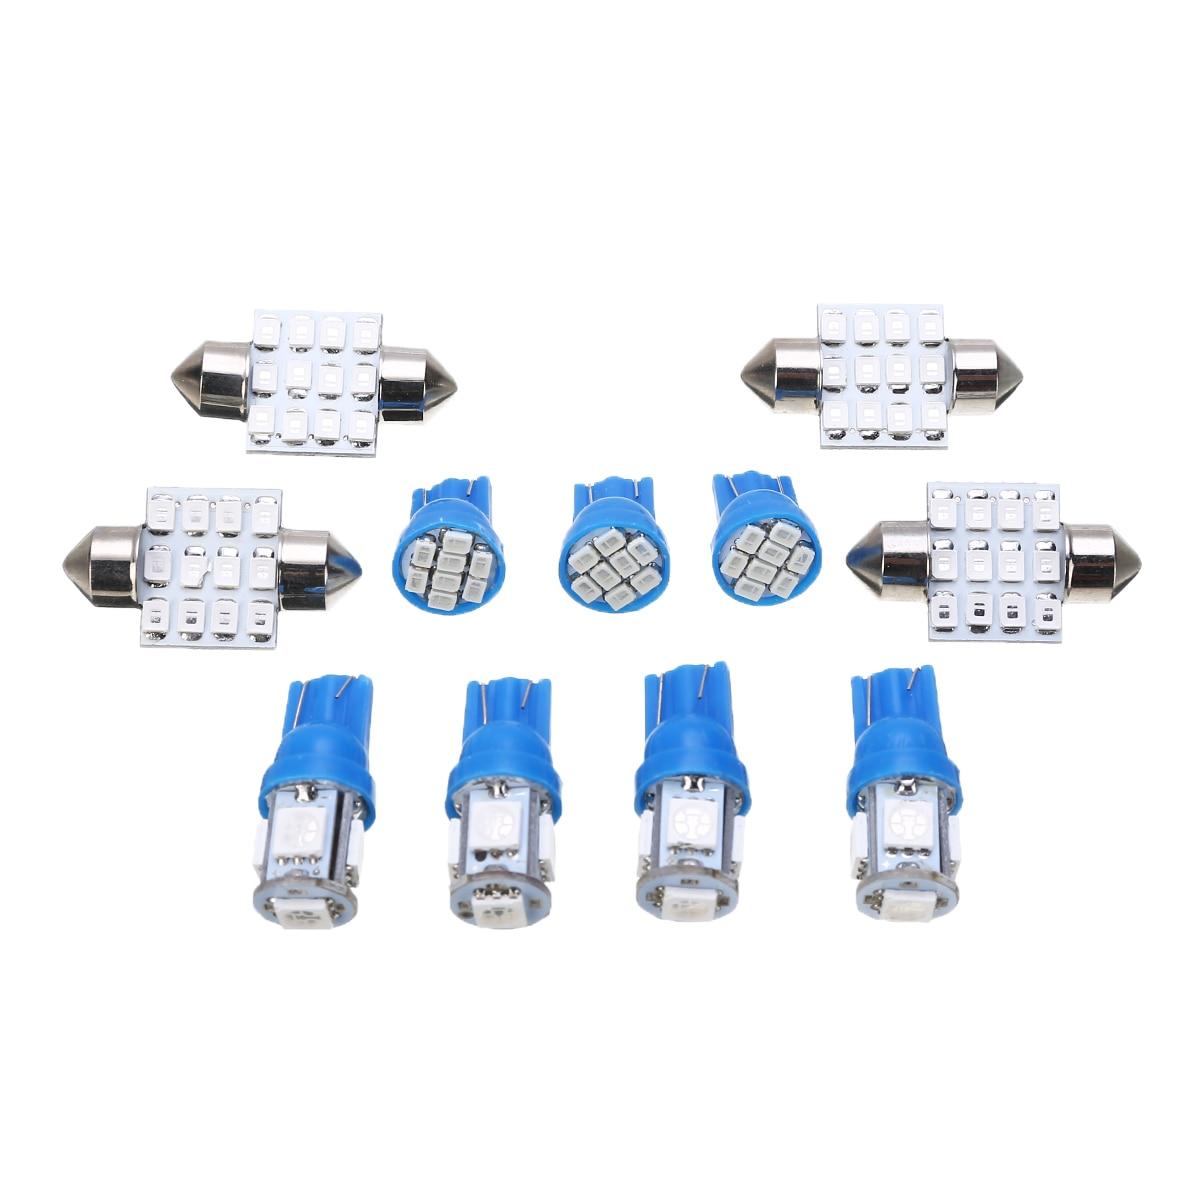 11pcs/set 12V W5W Blue LED T10 31mm Car Festoon Interior Dome Map Tag Light Lamp Bulb Kit Universal